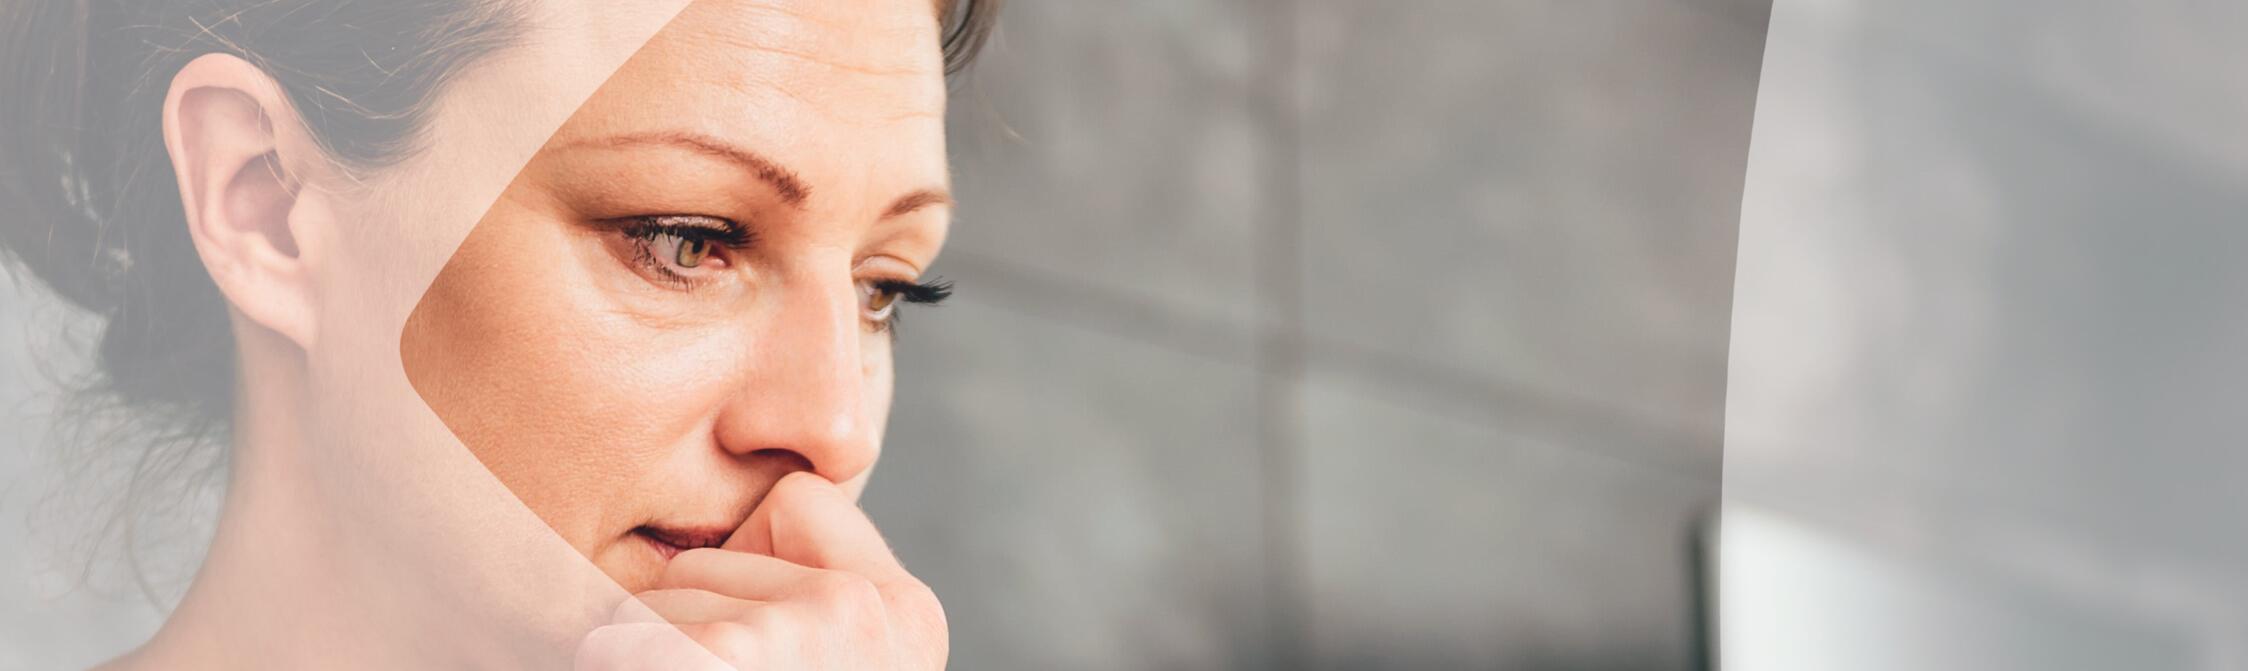 ansiedad al dejar de fumar